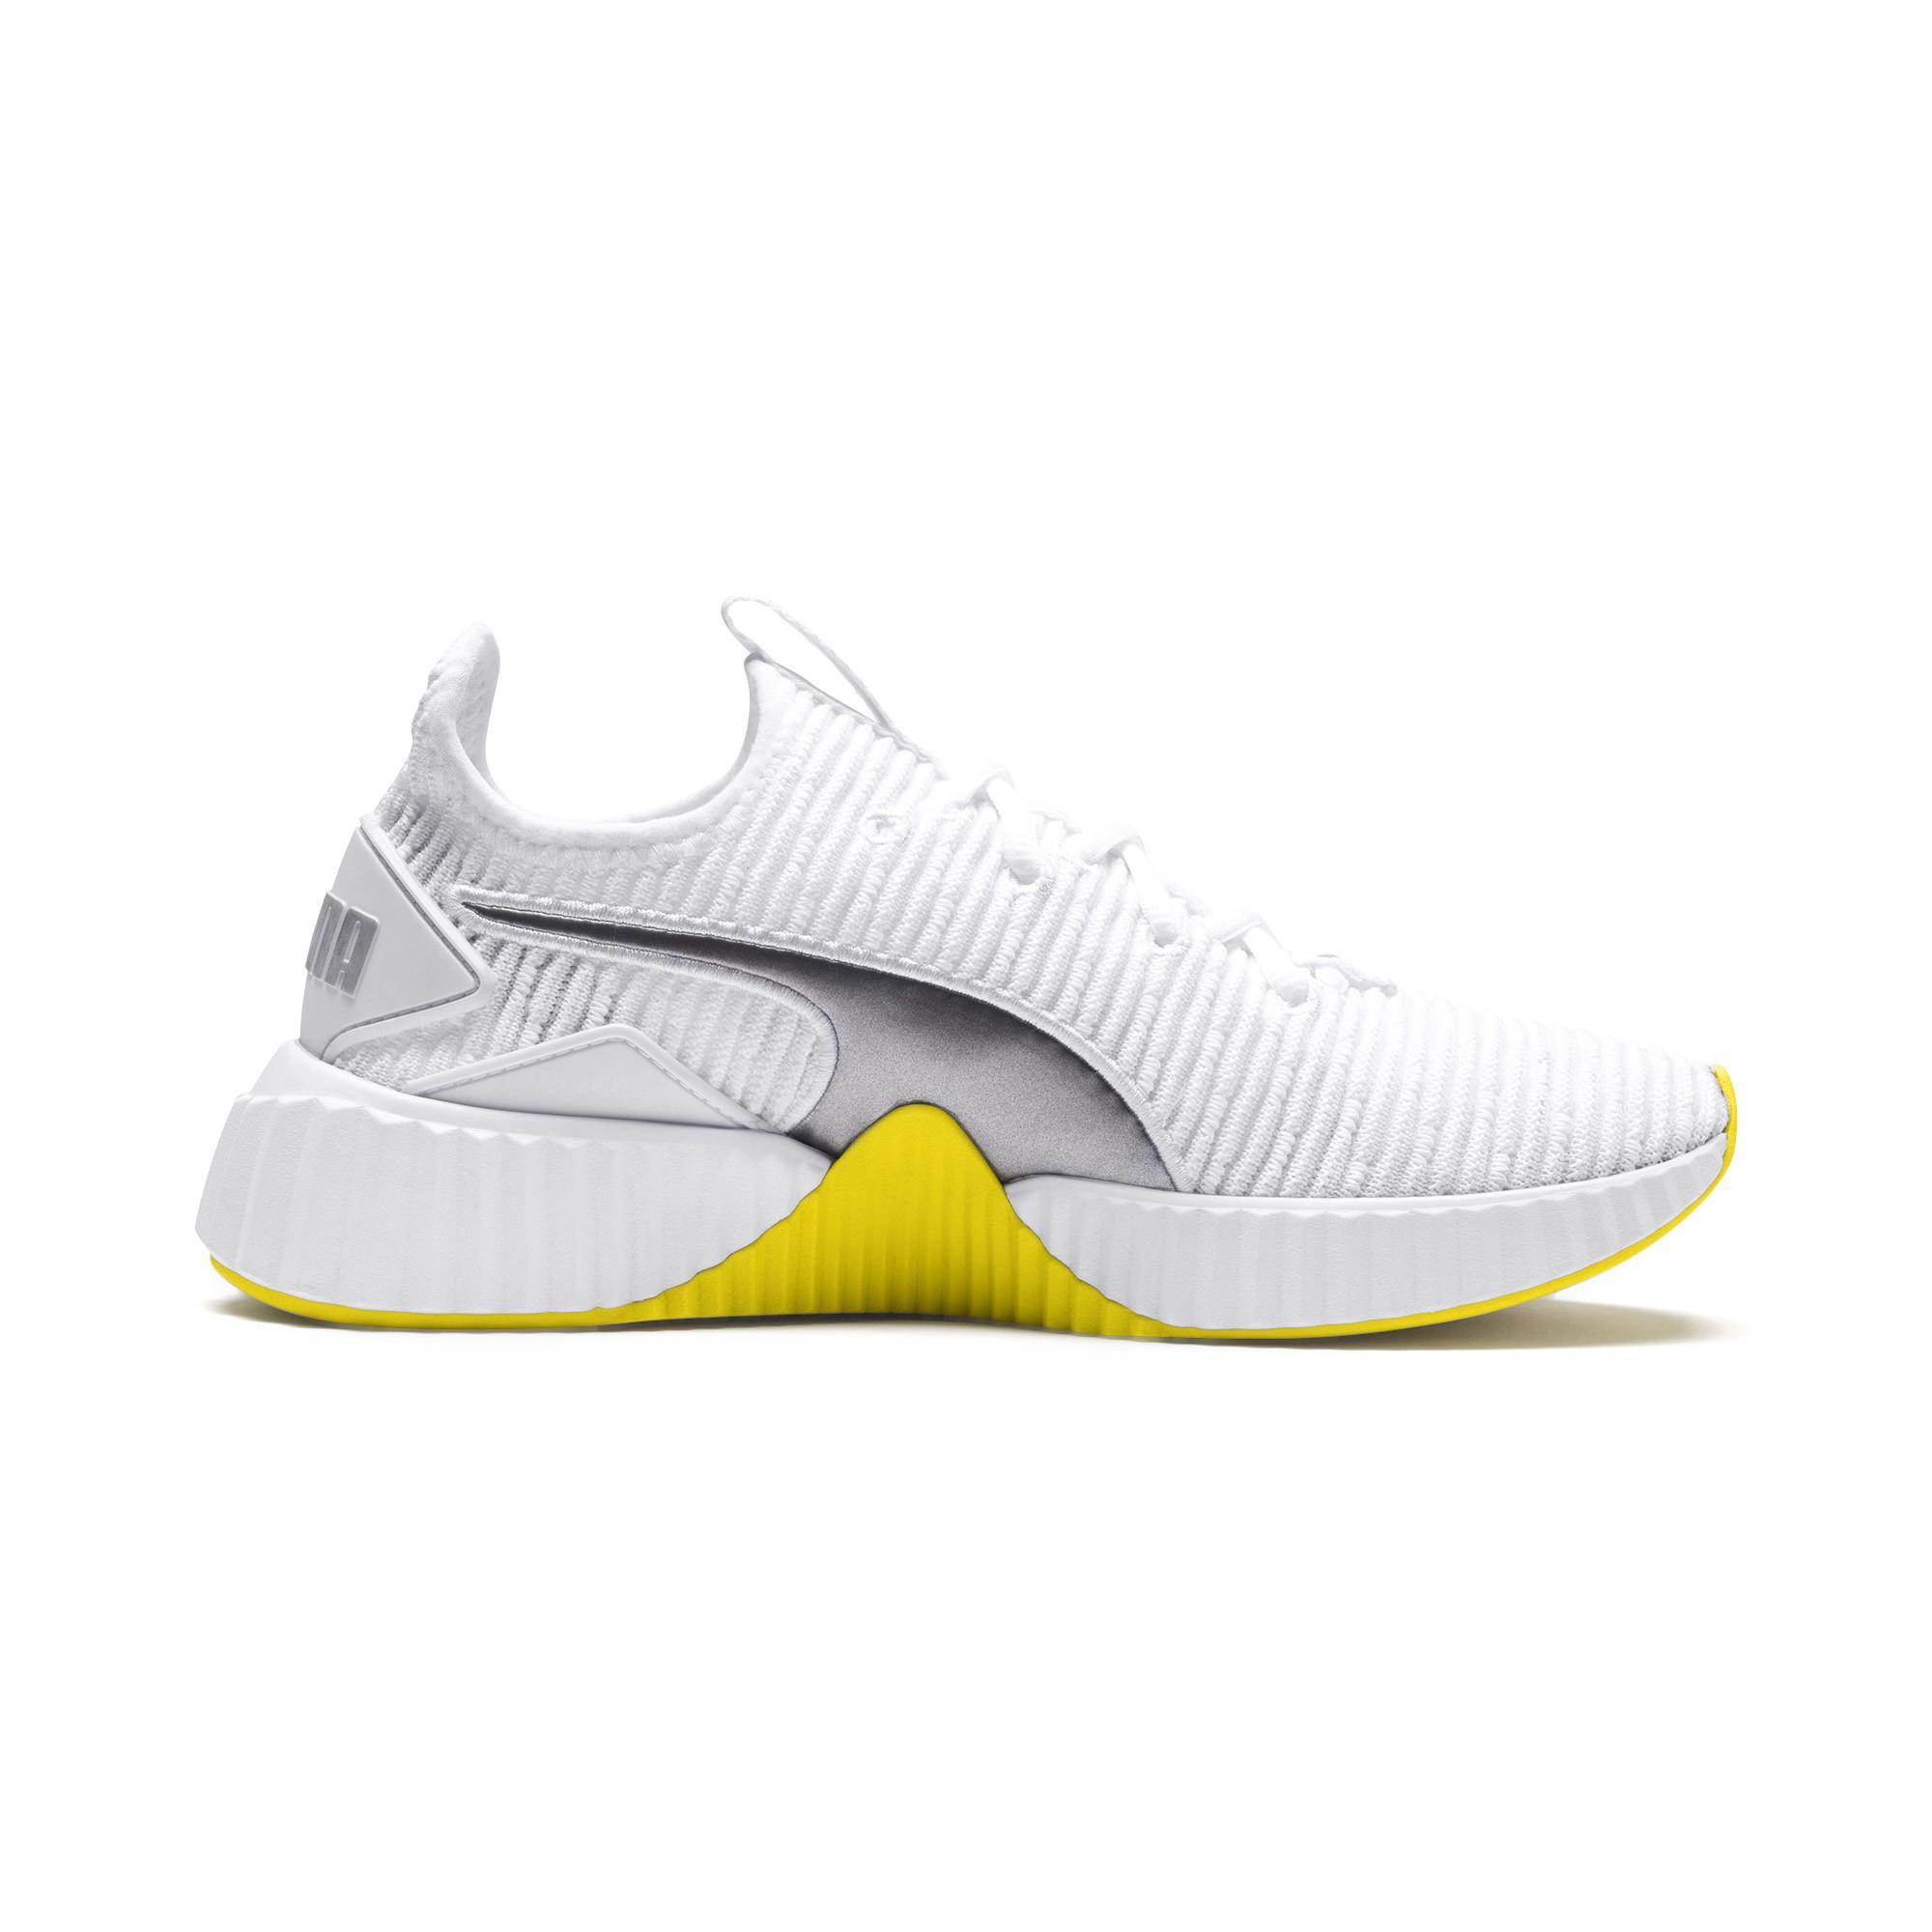 Cena obniżona wielka wyprzedaż Gdzie mogę kupić Defy Trailblazer Women's Training Shoes